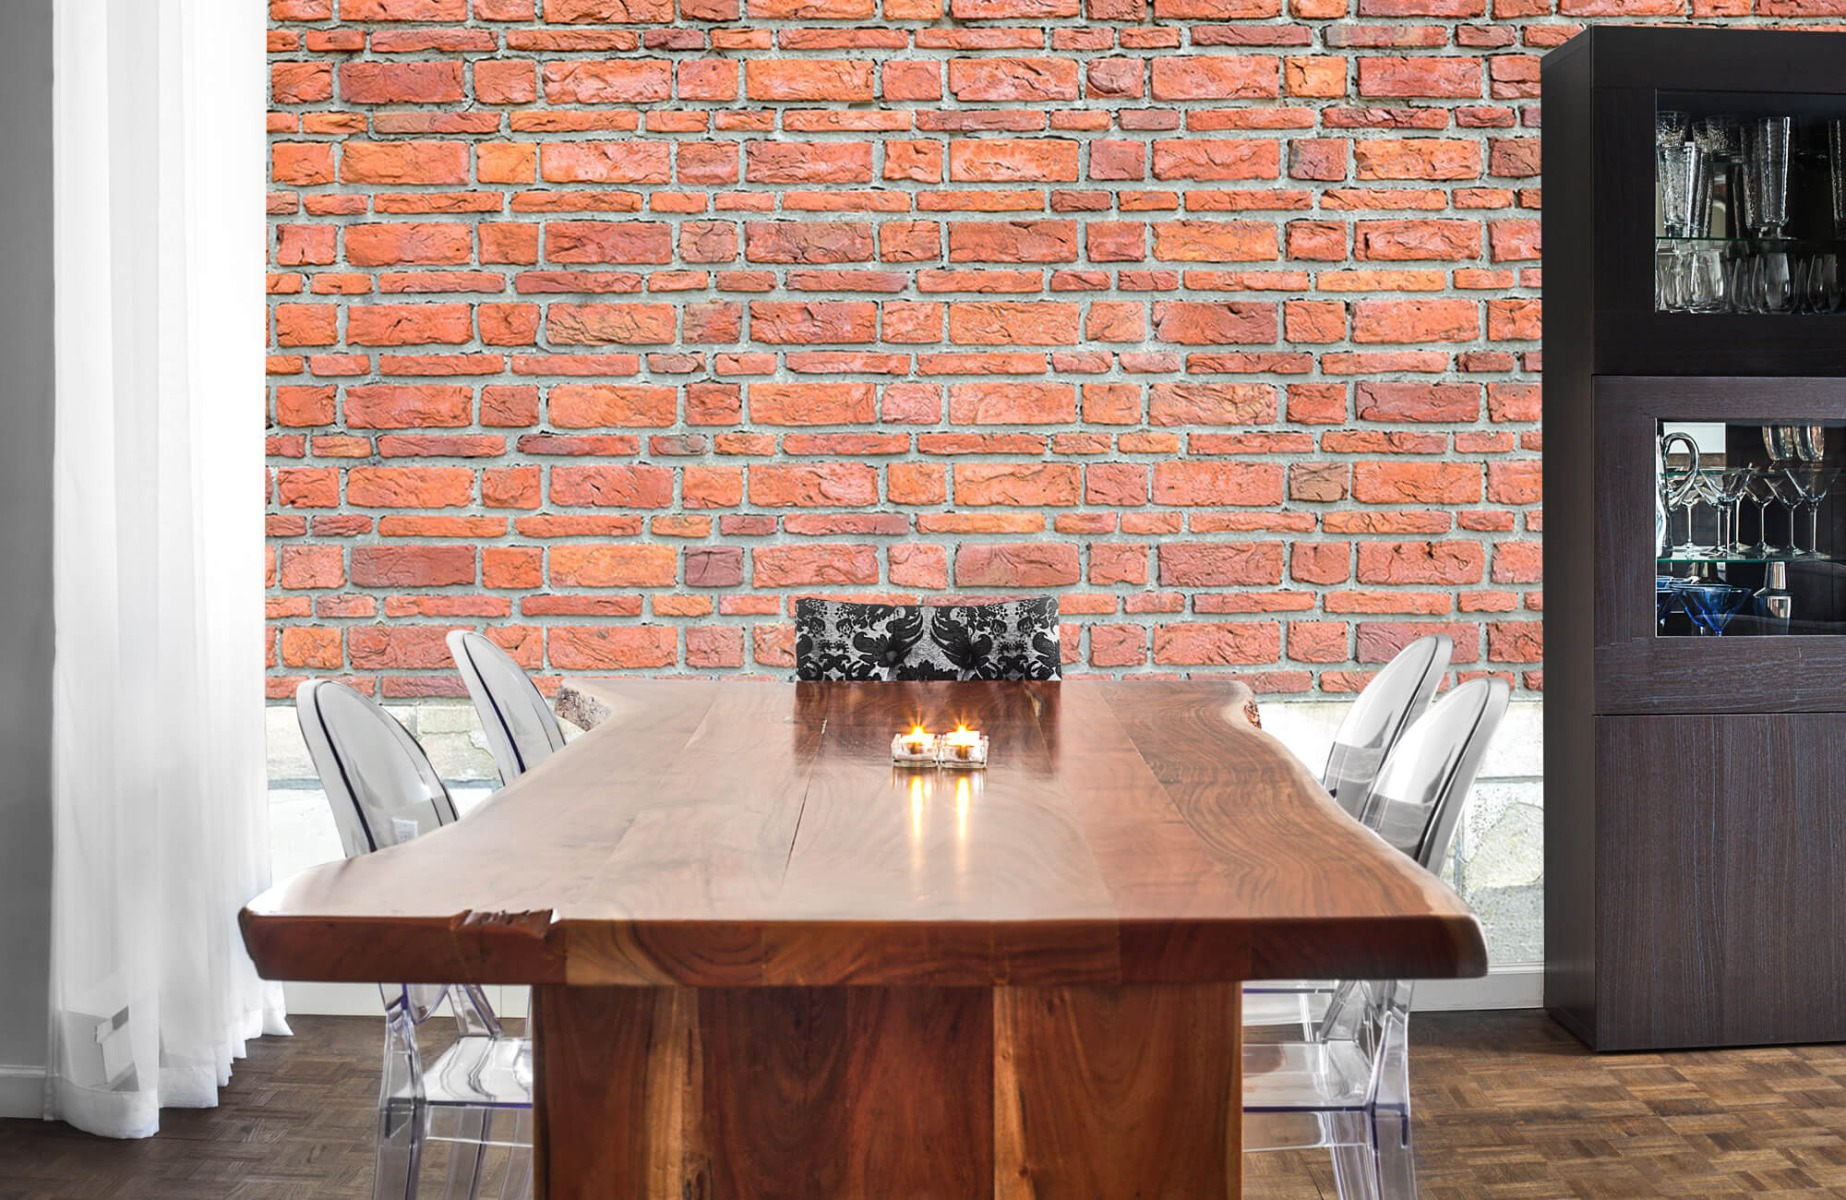 Steen behang - Bakstenen met oud beton - Wallexclusive - Slaapkamer 6